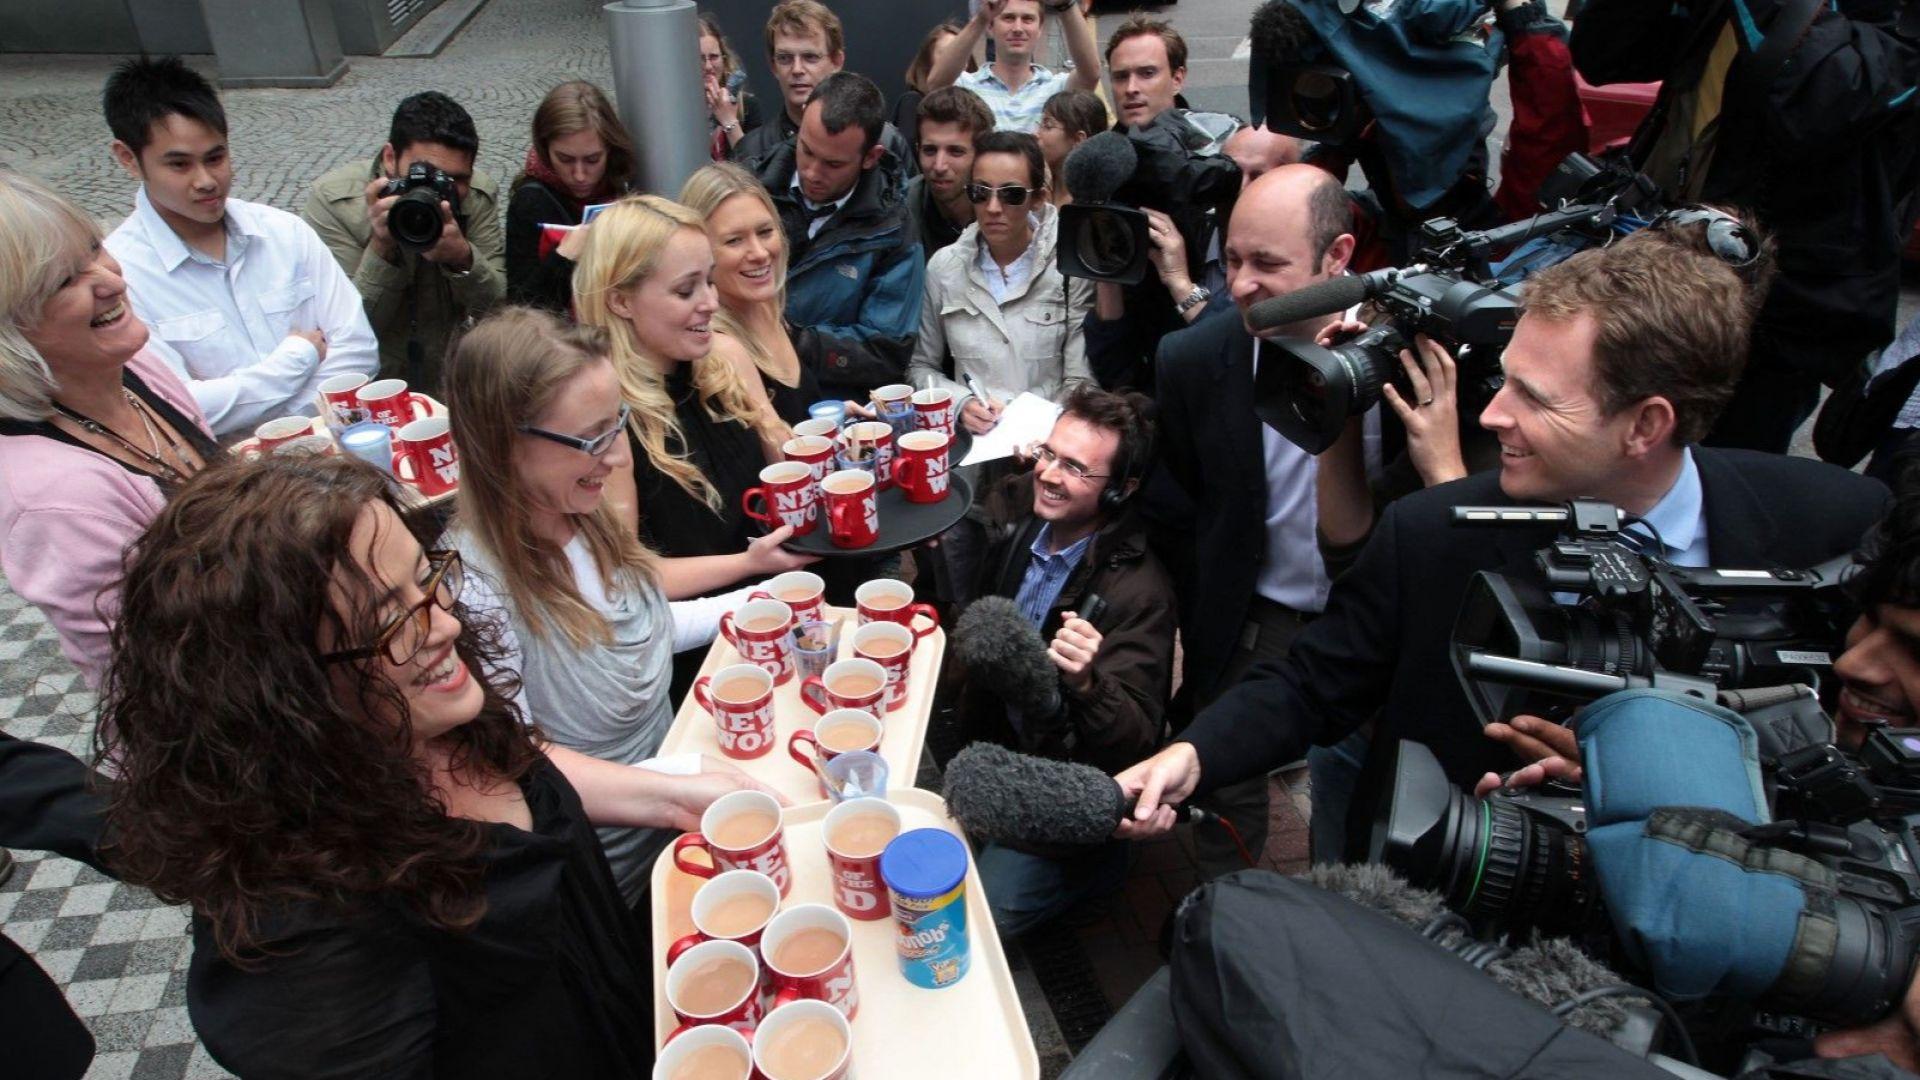 Служители на News of The World (от ляво) Хелън Мос, Франсин Пакър, Хана Ийдс и Джейн Хамилтън поднасят брандирани с логото на закрития вестник чаши чай на чакащите репортери пред офиса на News International на 9 юли 2011 г.